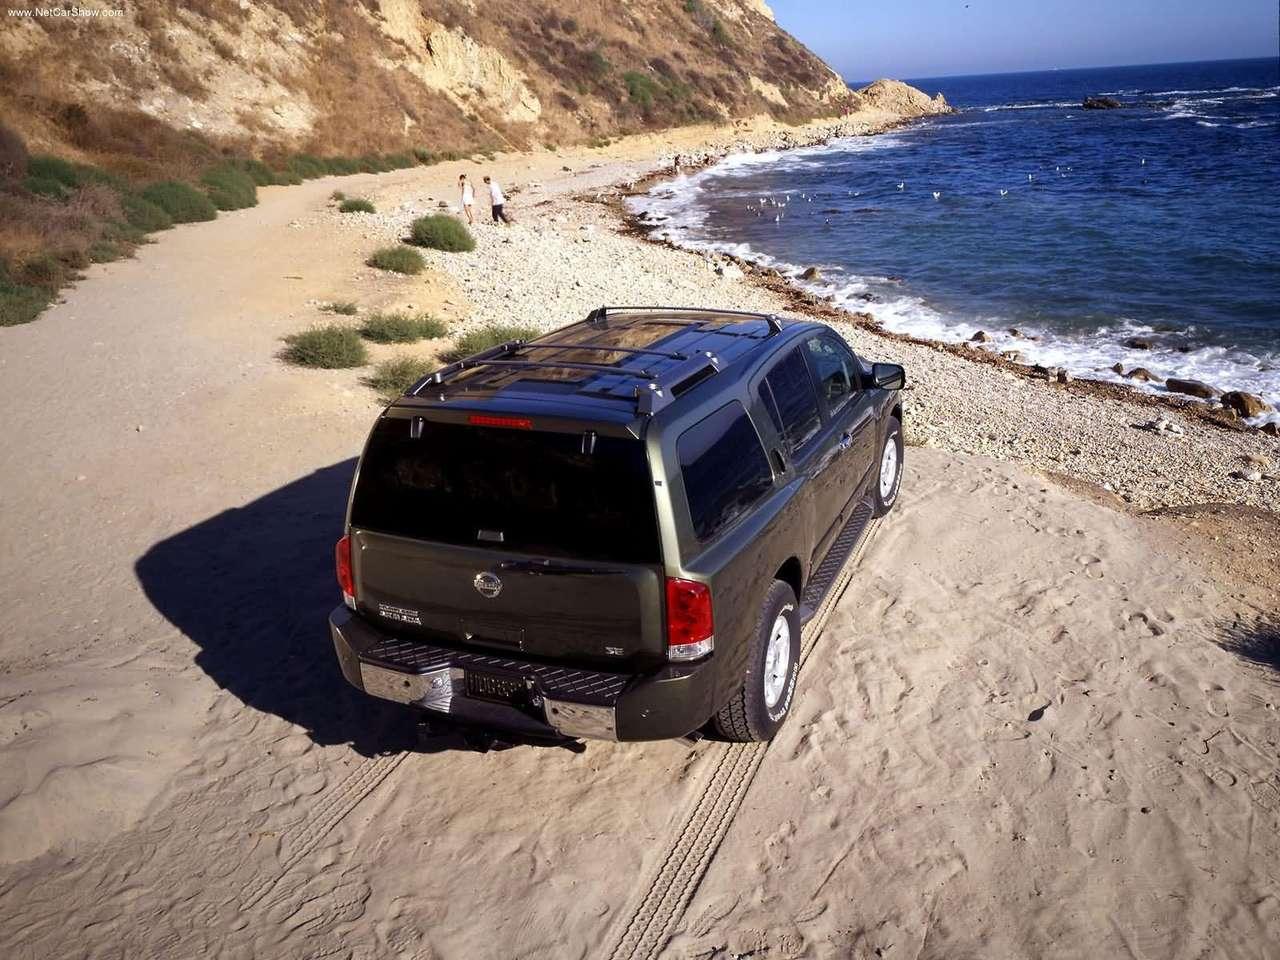 http://4.bp.blogspot.com/-KQDYY1sJnrs/TXxjThtrsrI/AAAAAAAAFjQ/Bj8lFY7x7v0/s1600/Nissan-Pathfinder_Armada_SE_2004_1280x960_wallpaper_06.jpg